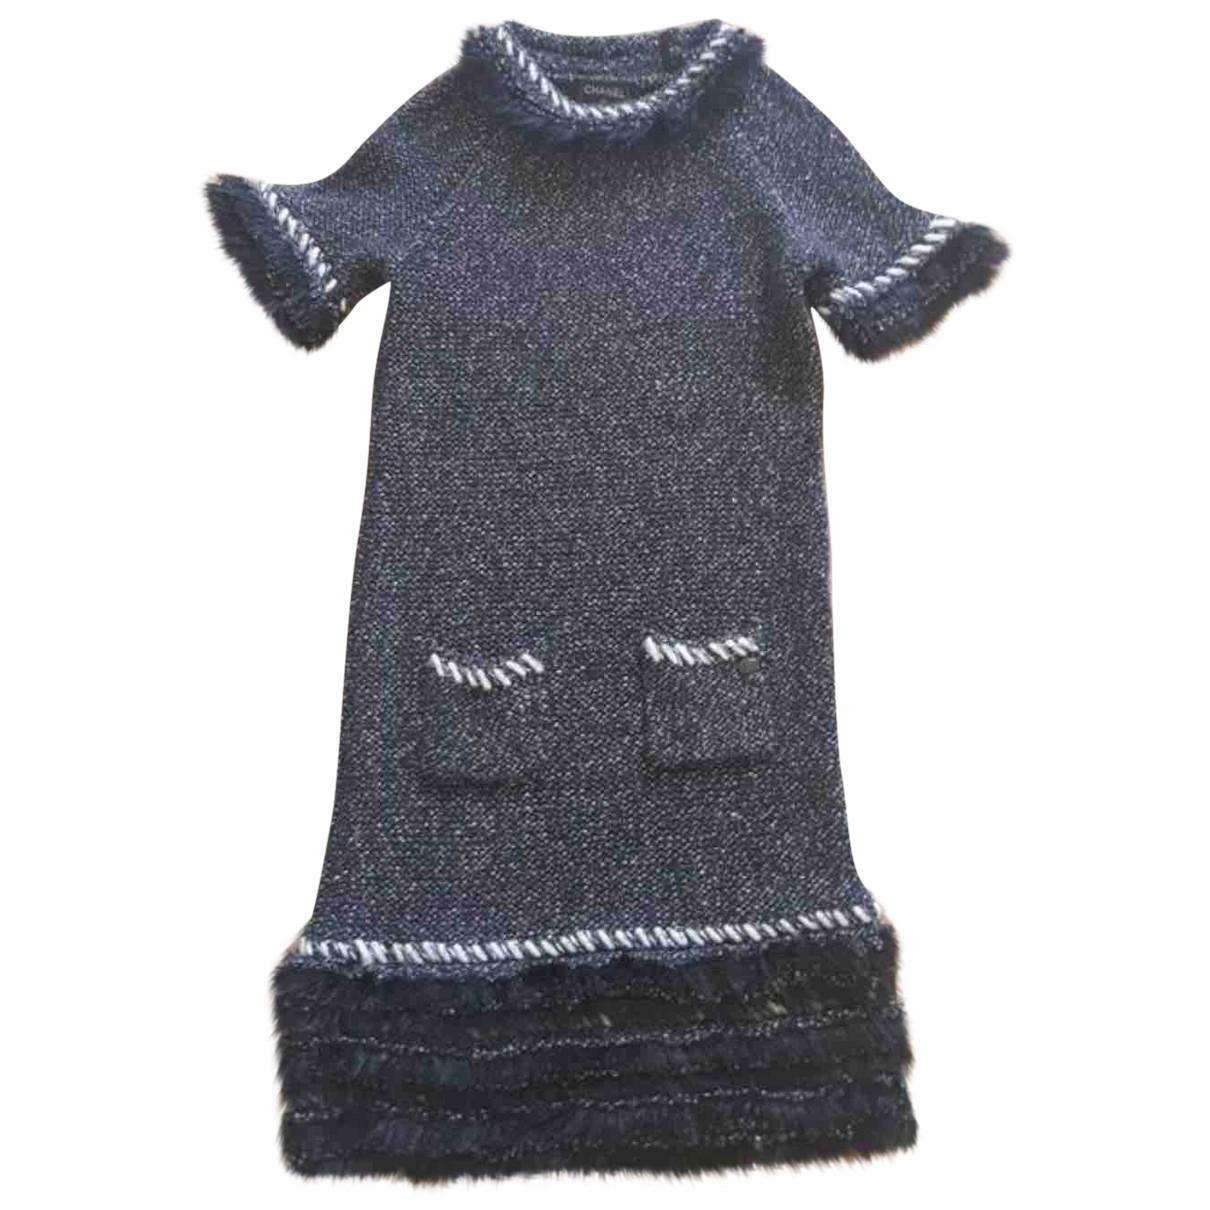 Chanel \N Kleid in  Schwarz Kaschmir